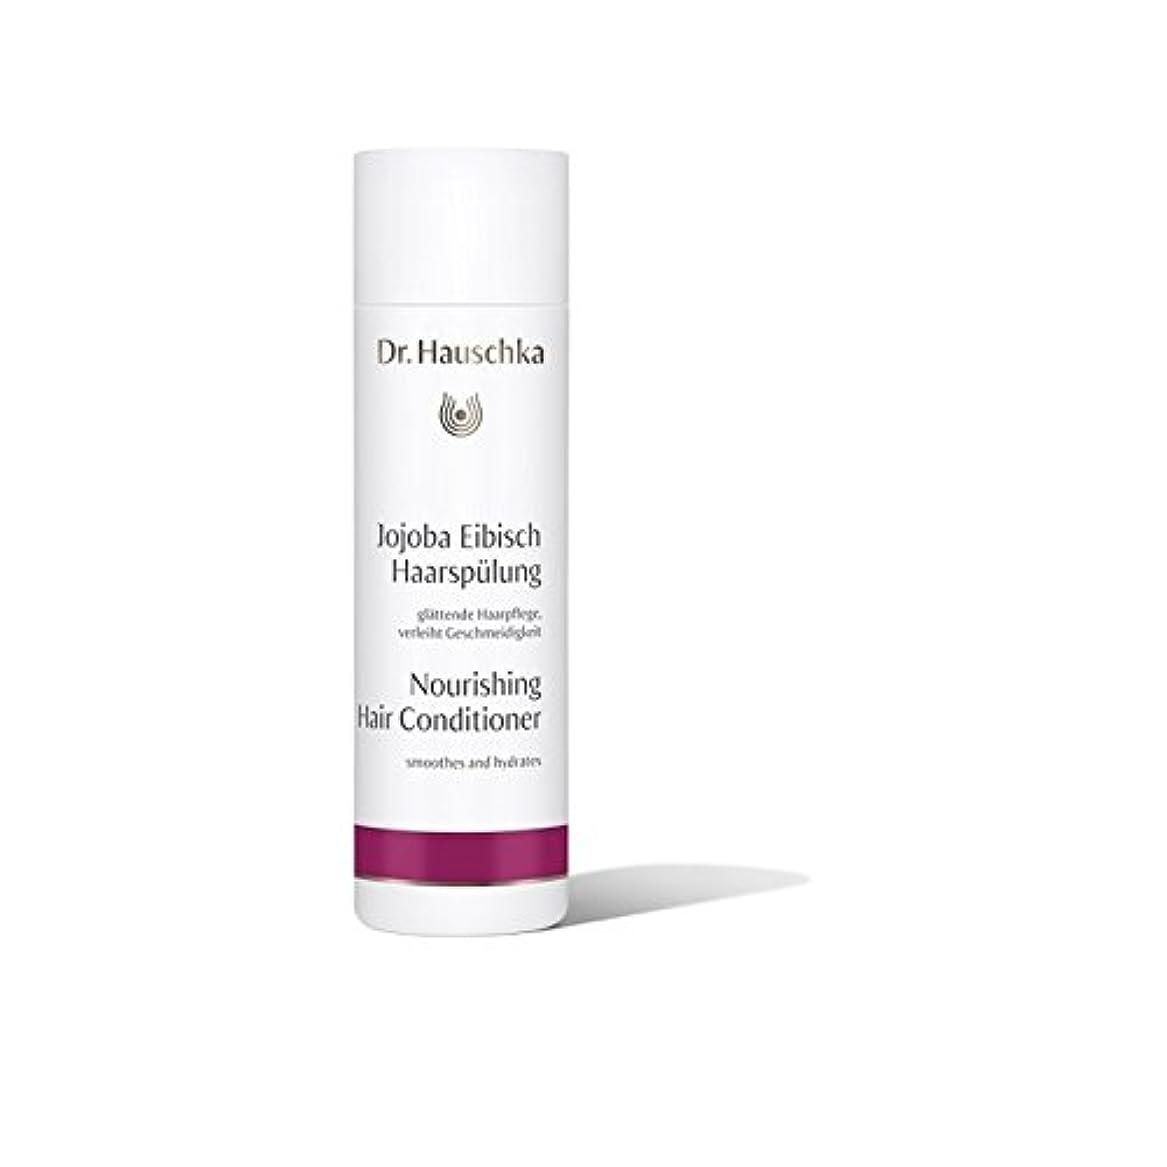 連合クレタ母Dr. Hauschka Nourishing Hair Conditioner (200ml) - ハウシュカ栄養ヘアコンディショナー(200ミリリットル) [並行輸入品]